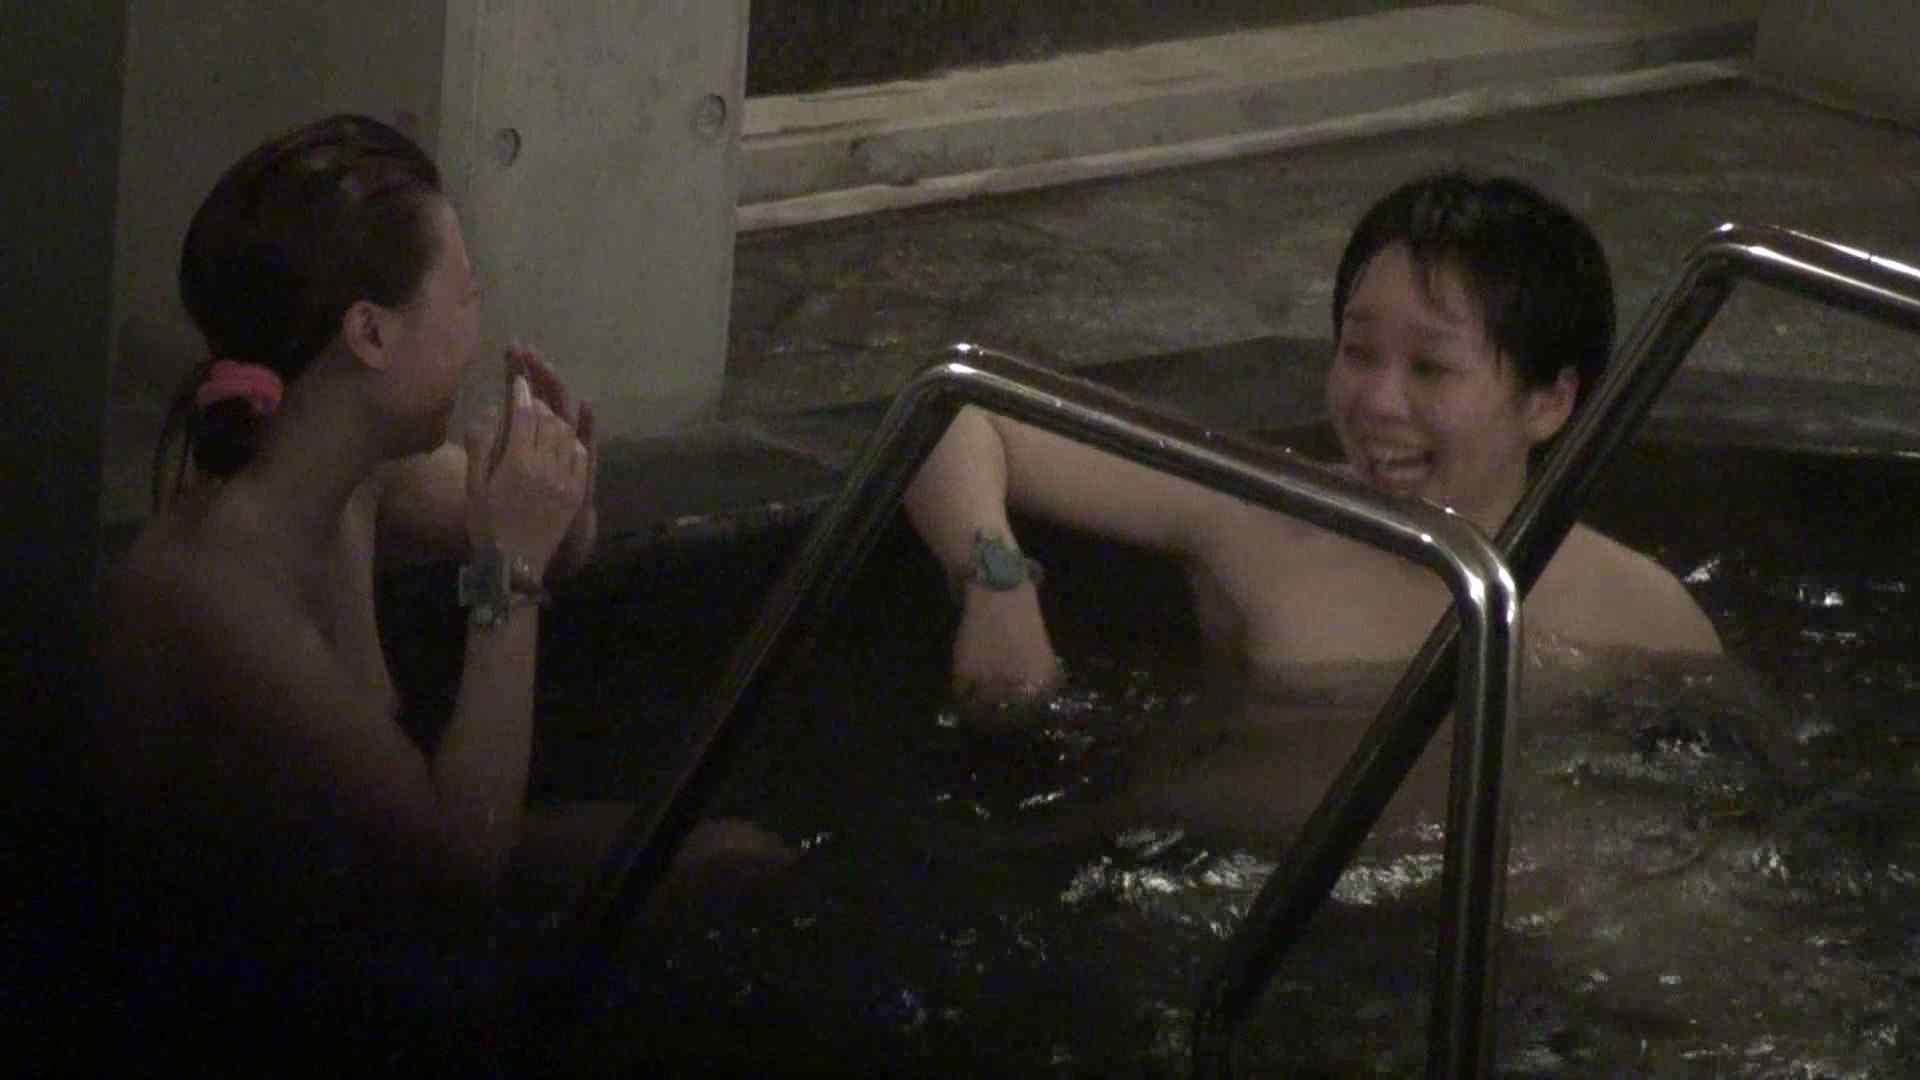 Aquaな露天風呂Vol.394 盗撮  99画像 66